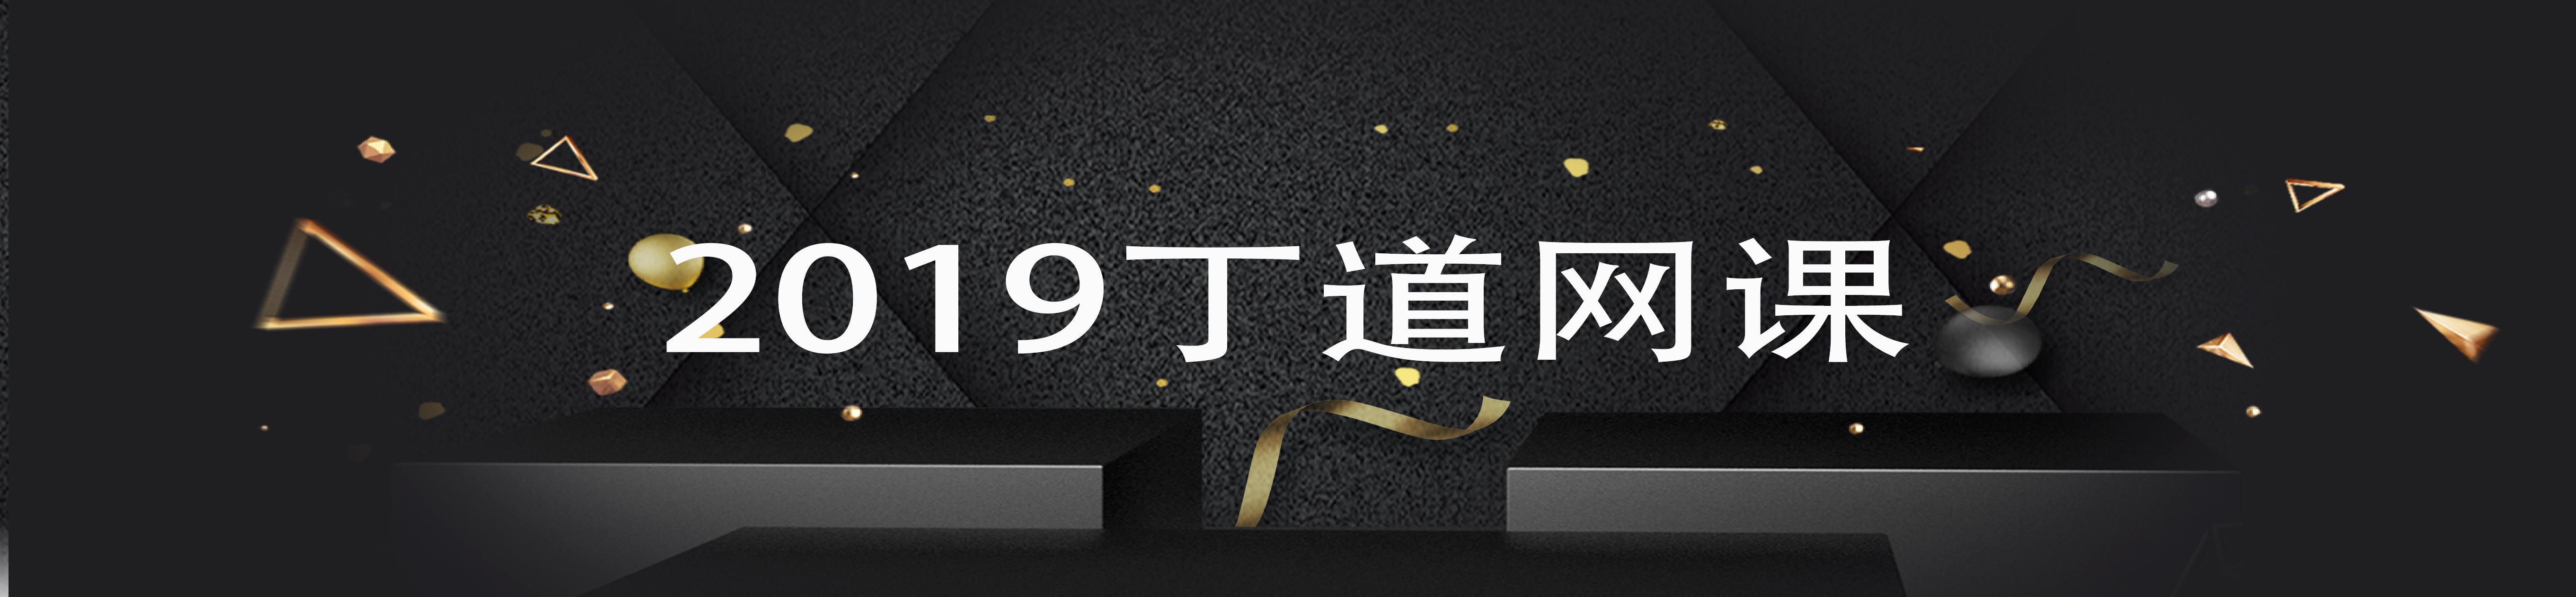 2019丁道网课